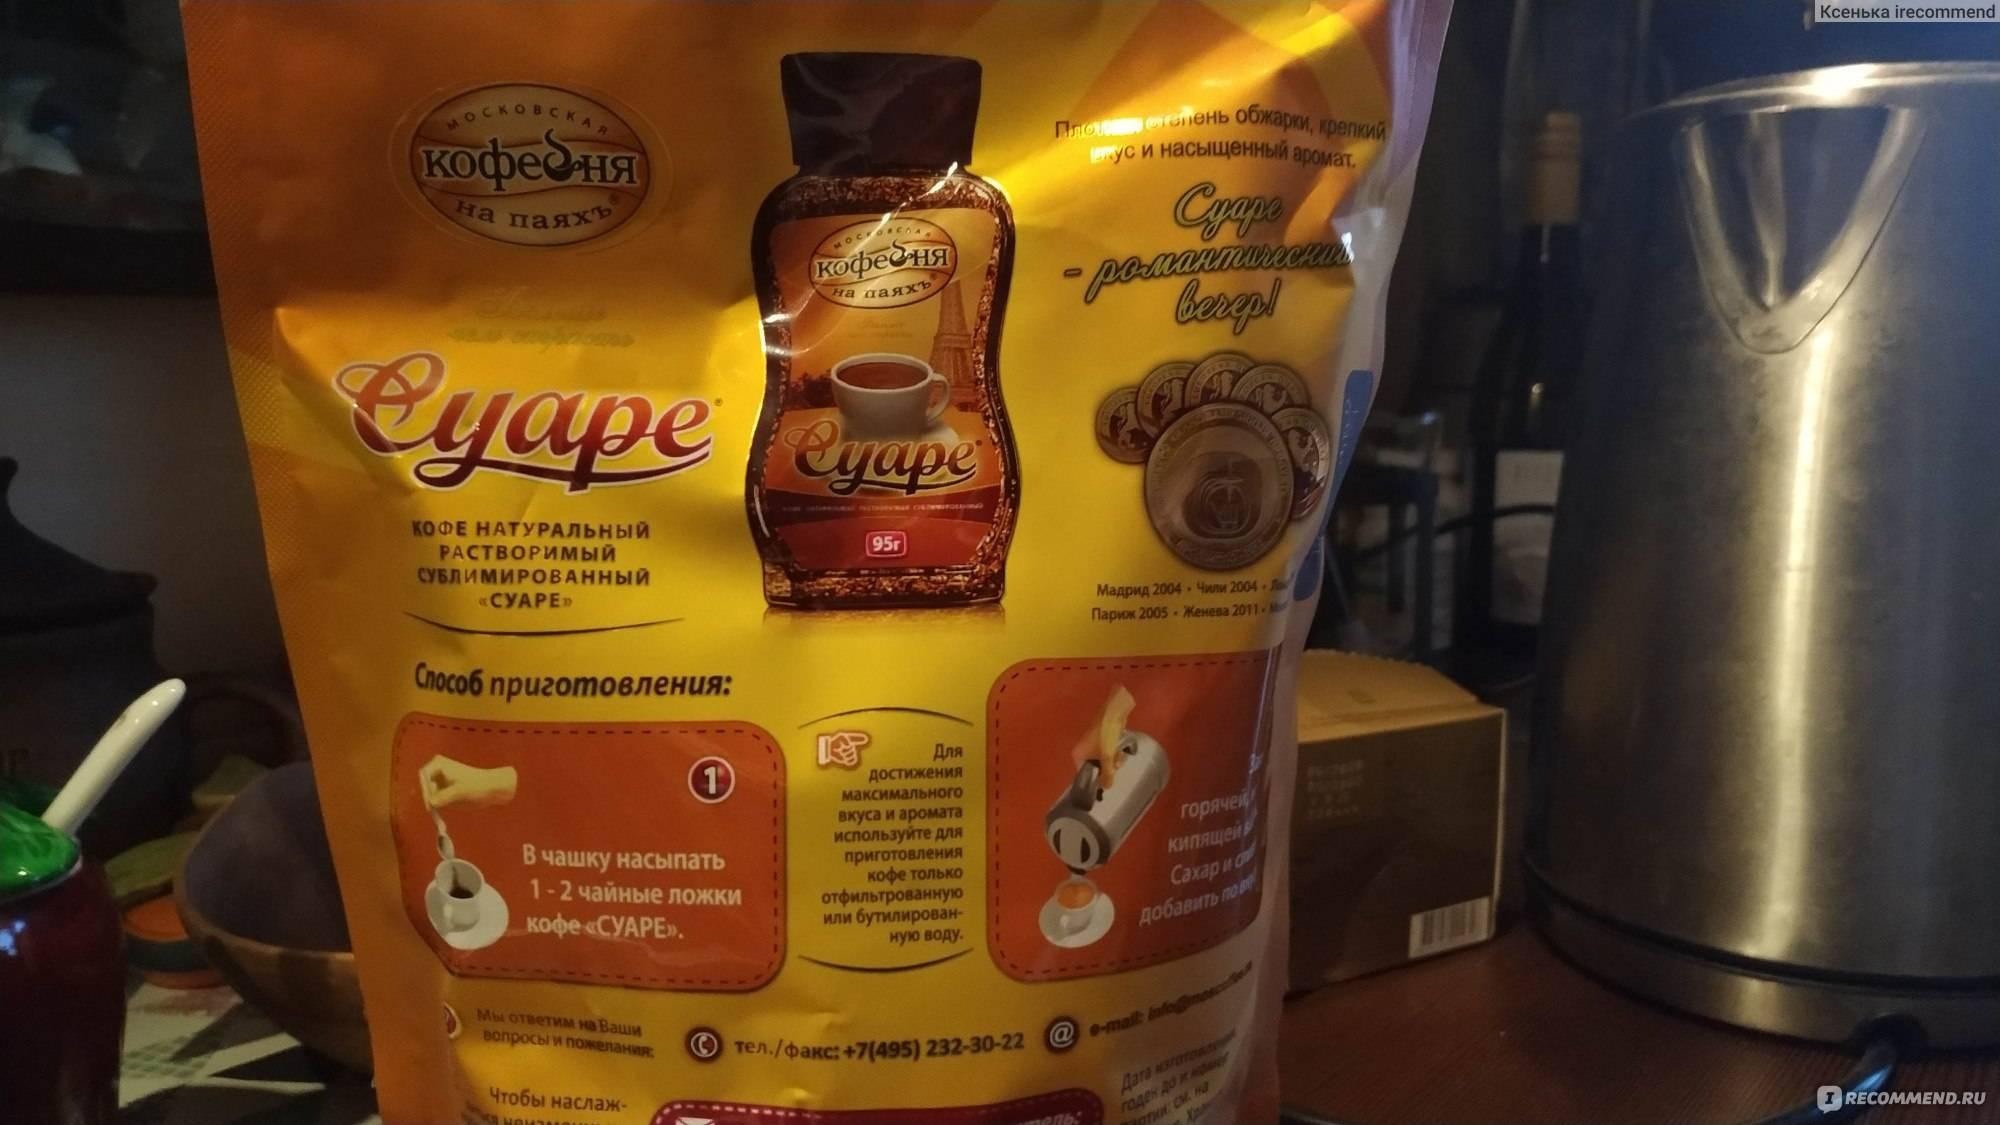 Обзор кофе тм московская кофейня на паях